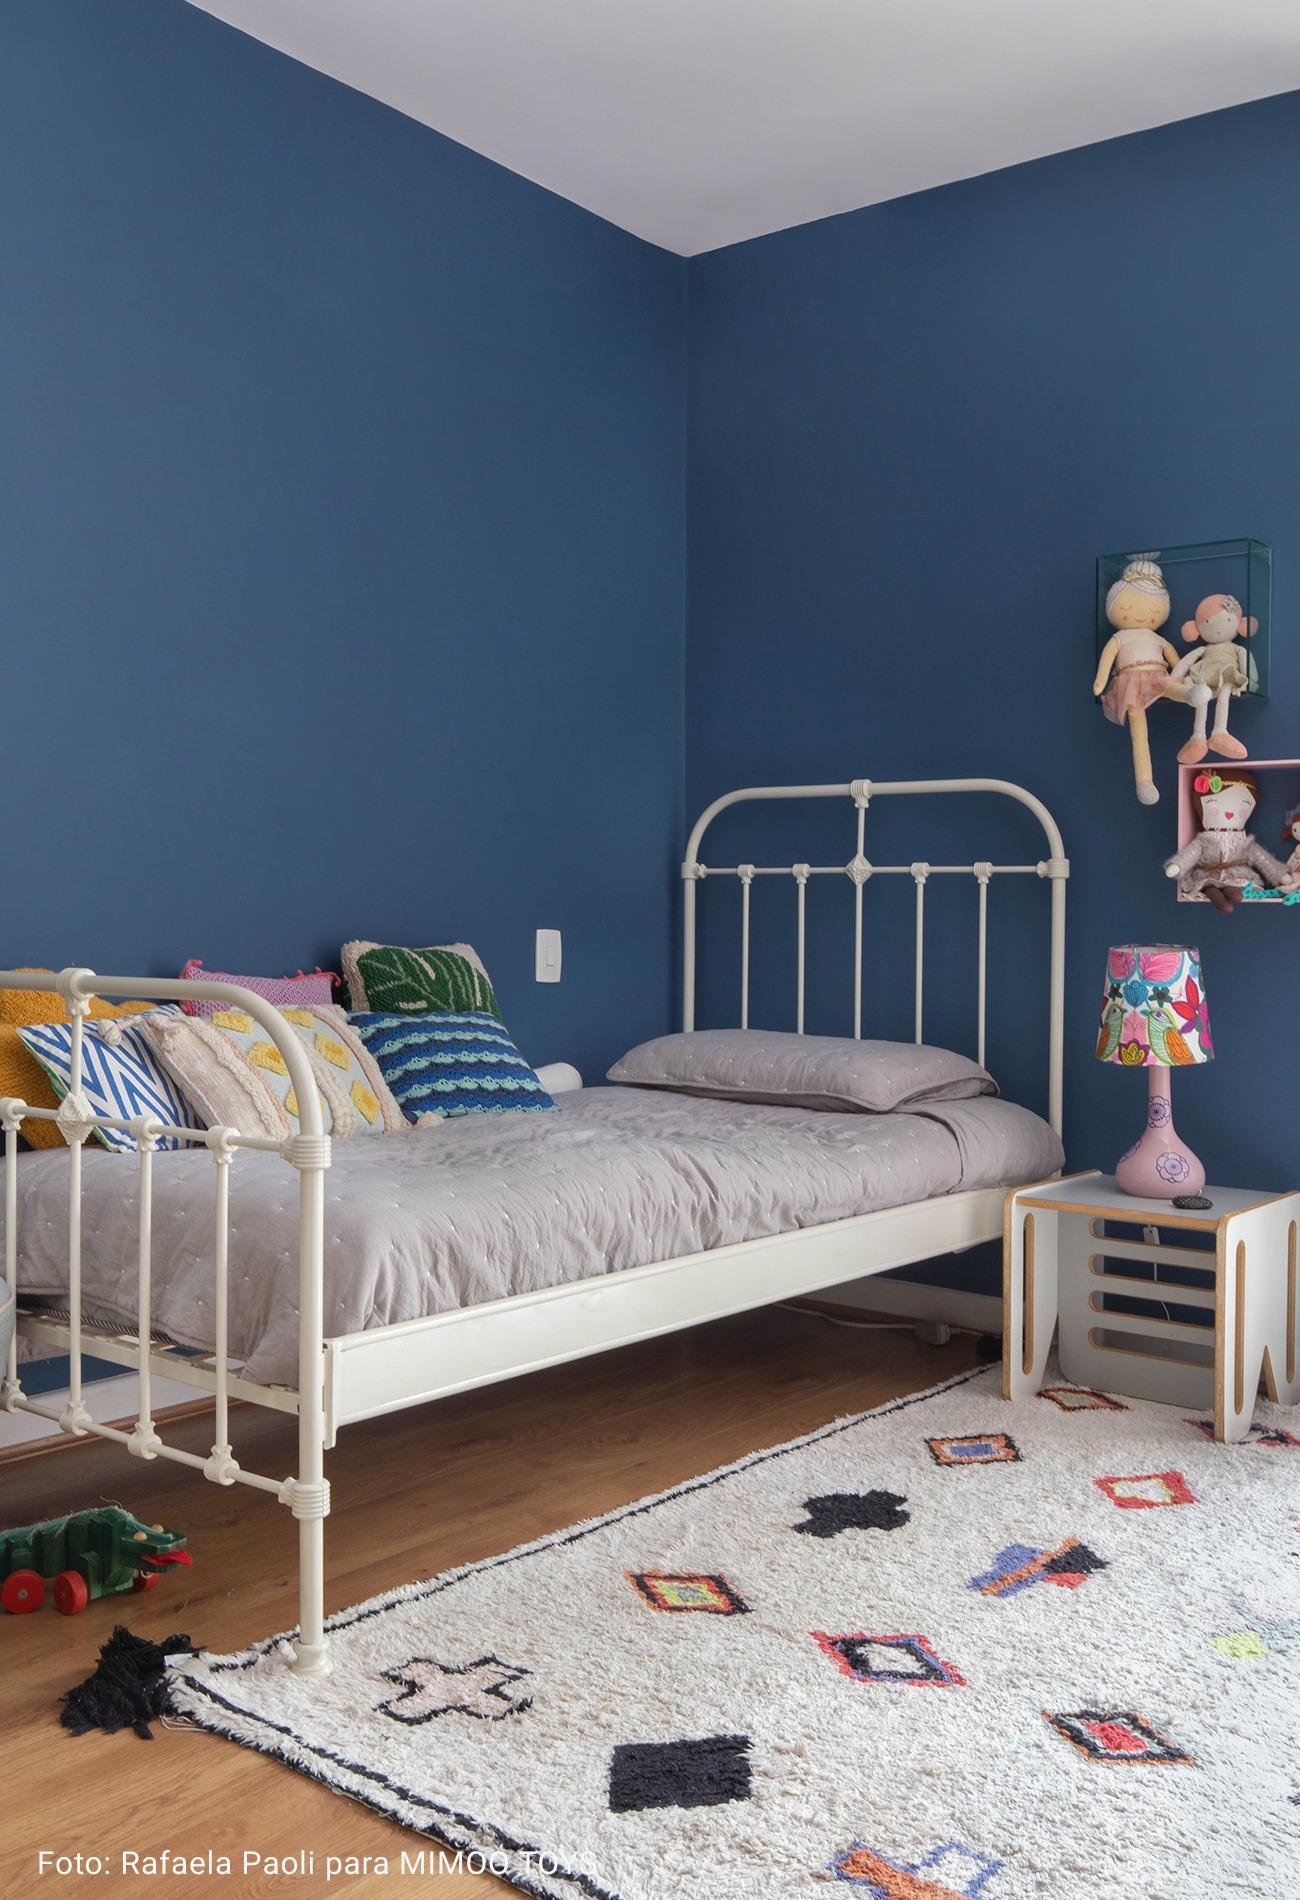 quarto infantil com parede azul marinho